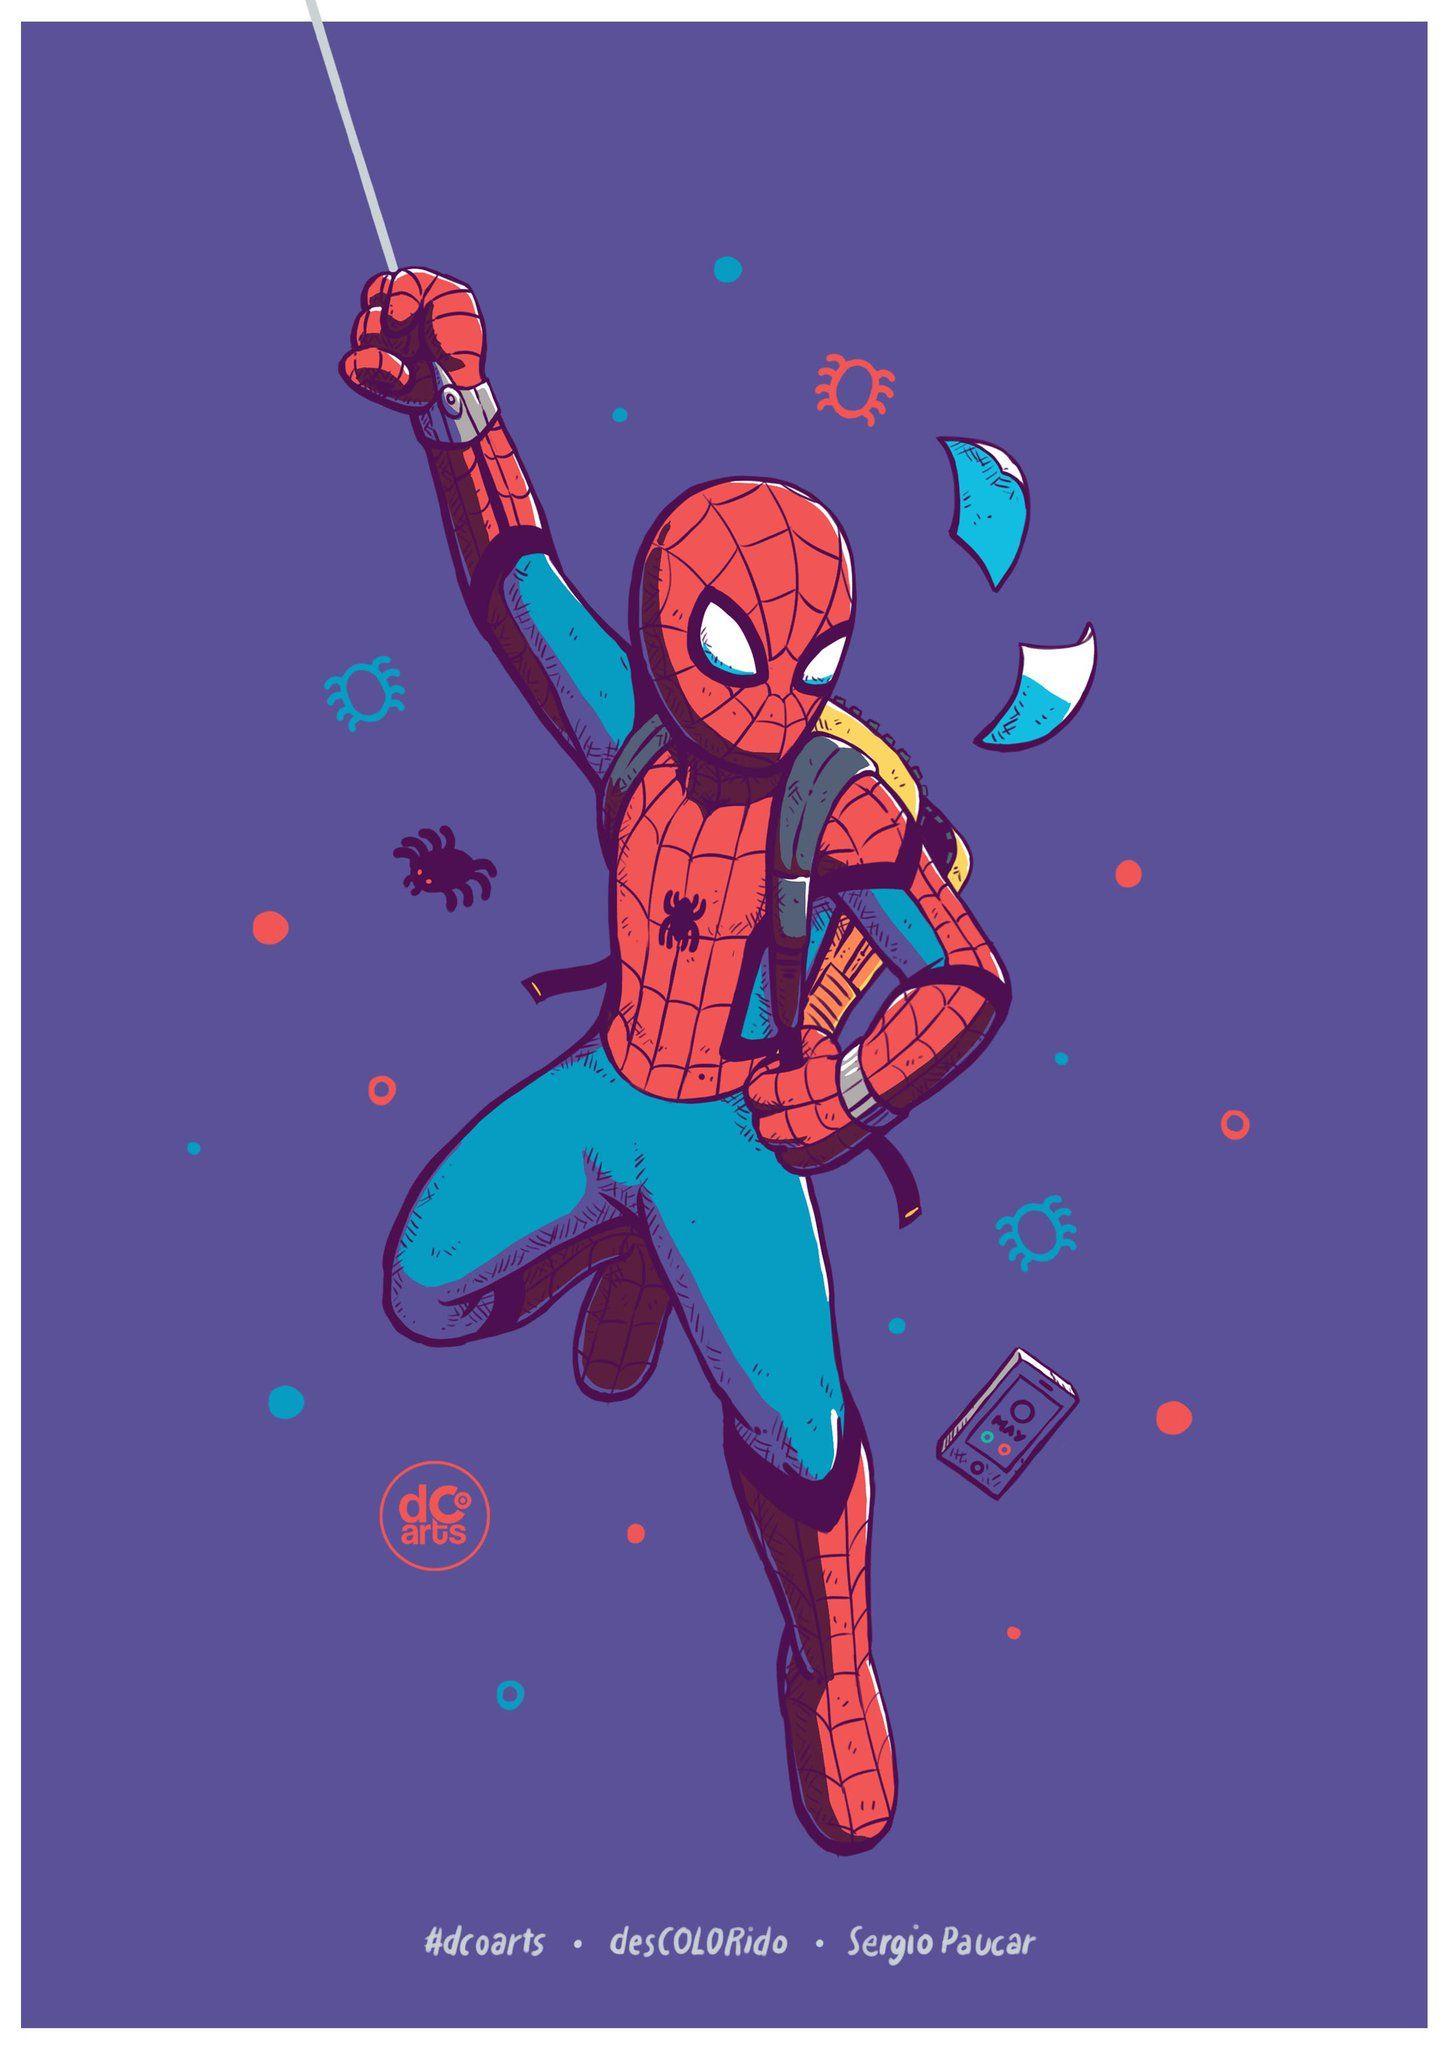 Fanart de Spider-man por desCOLORido (Sergio Paucar) (dcoarts